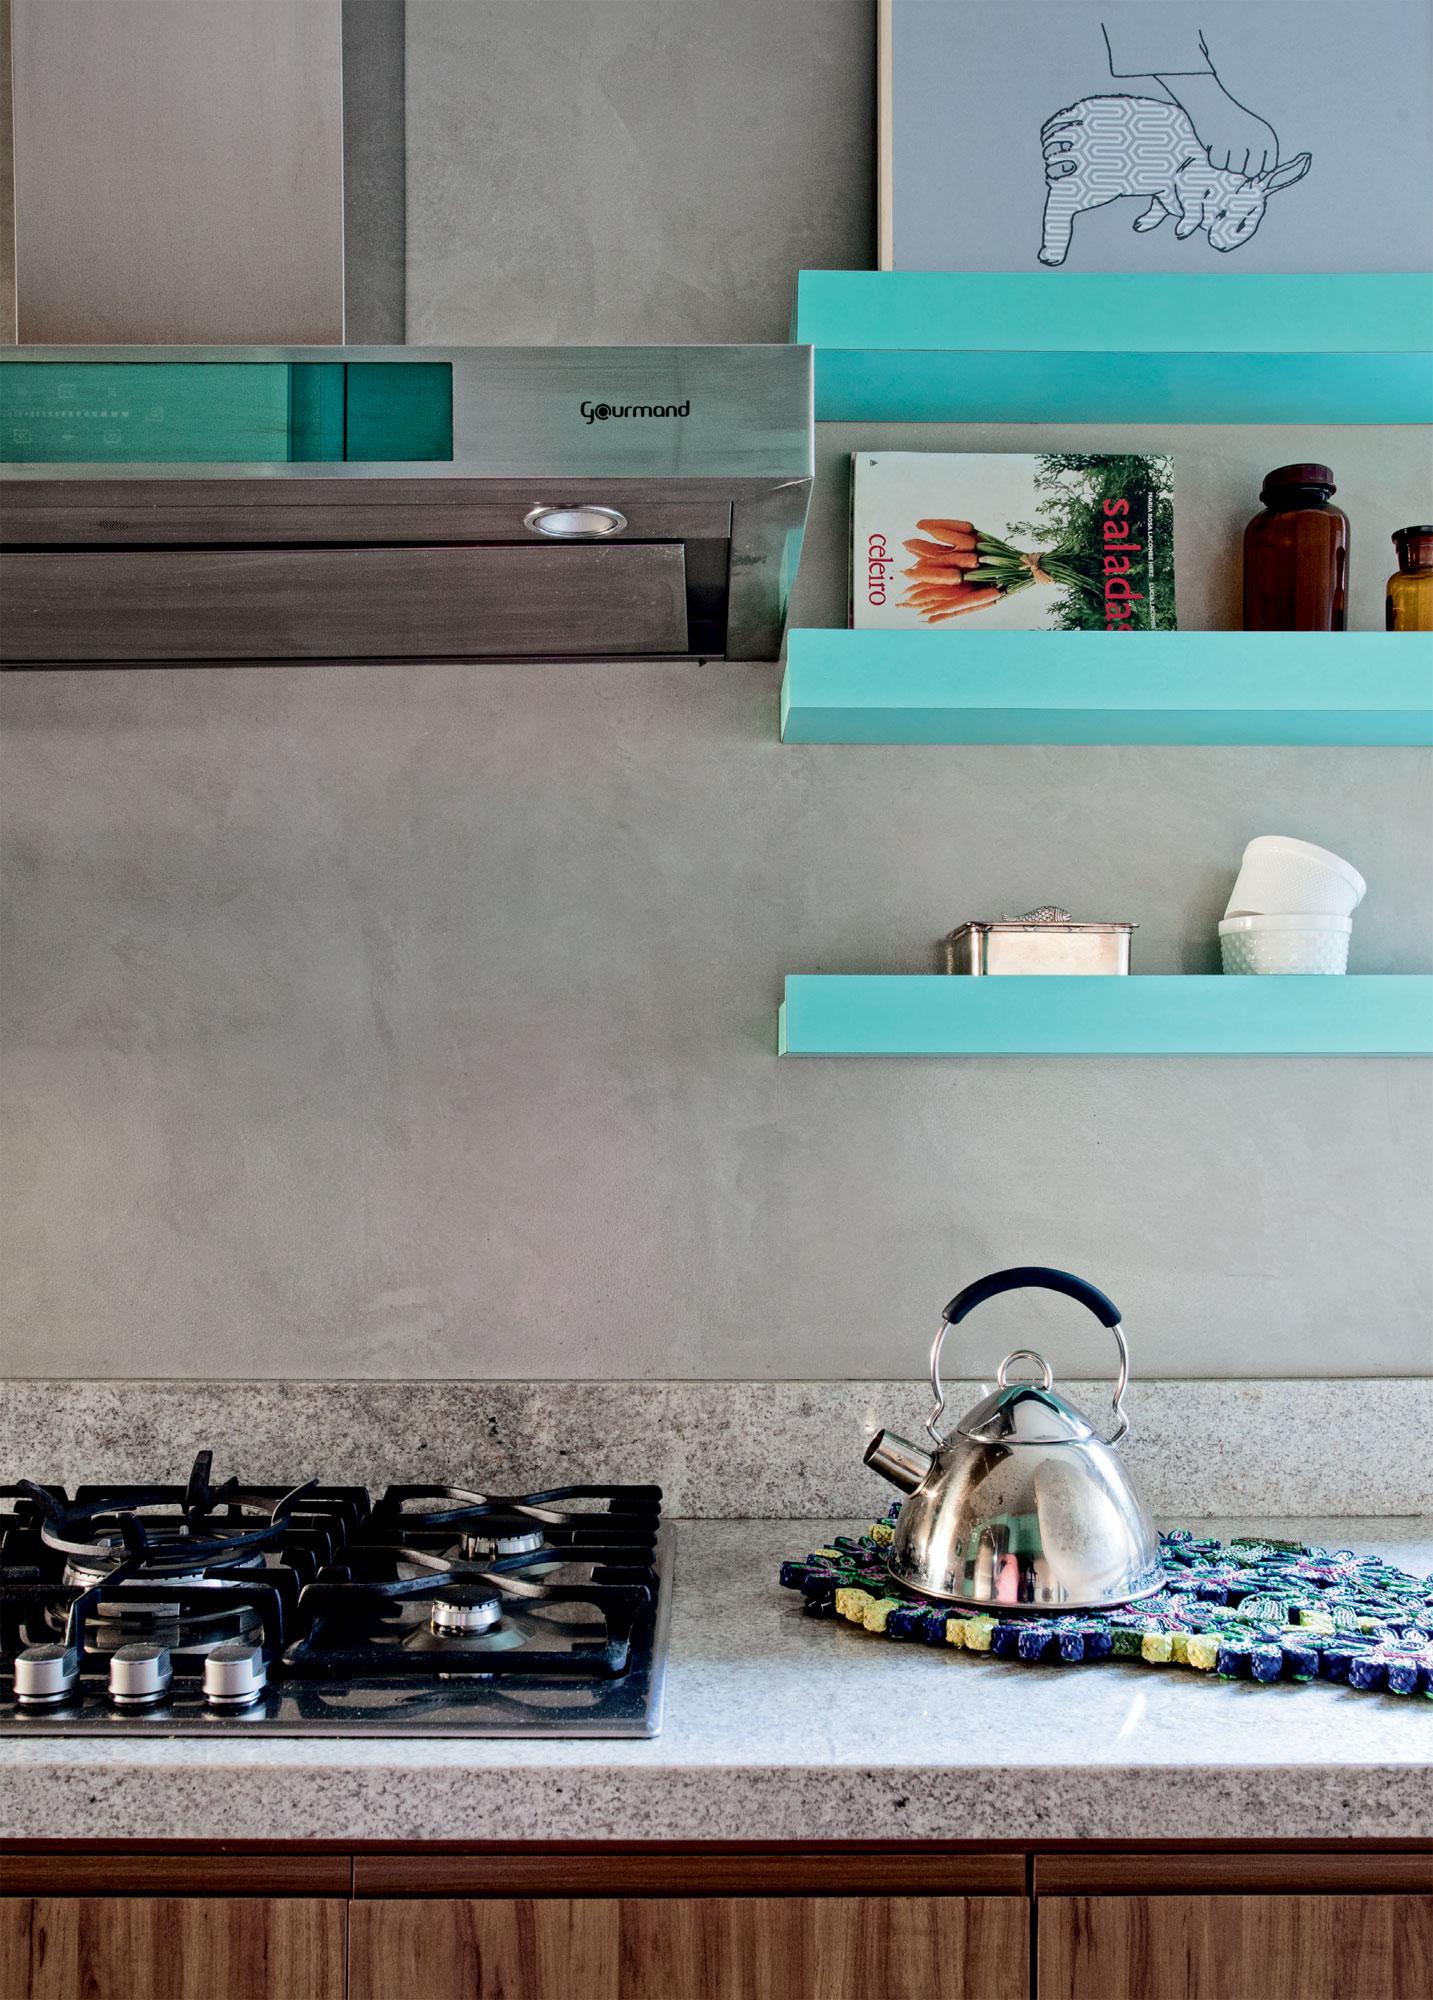 128-cozinha-em-turquesa-e-cinza-com-ceramicas-que-imitam-tijolos-8